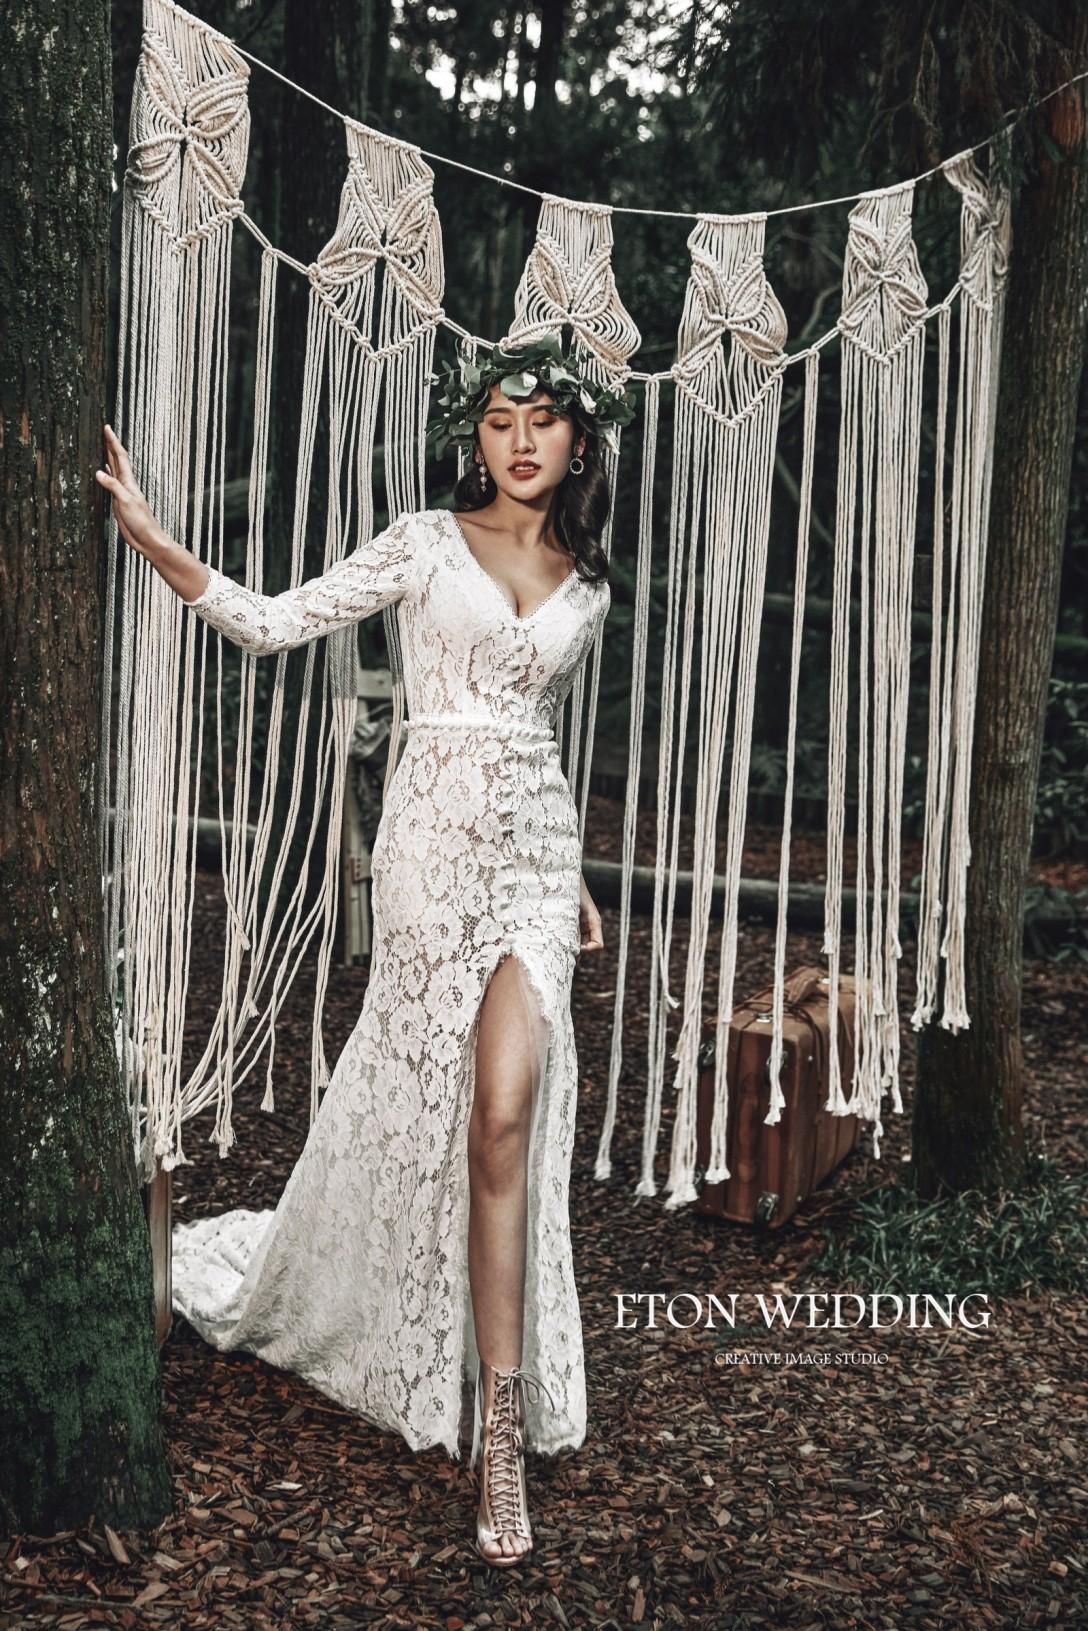 自助婚紗,自助婚紗推薦,自助婚紗風格,婚紗照,05